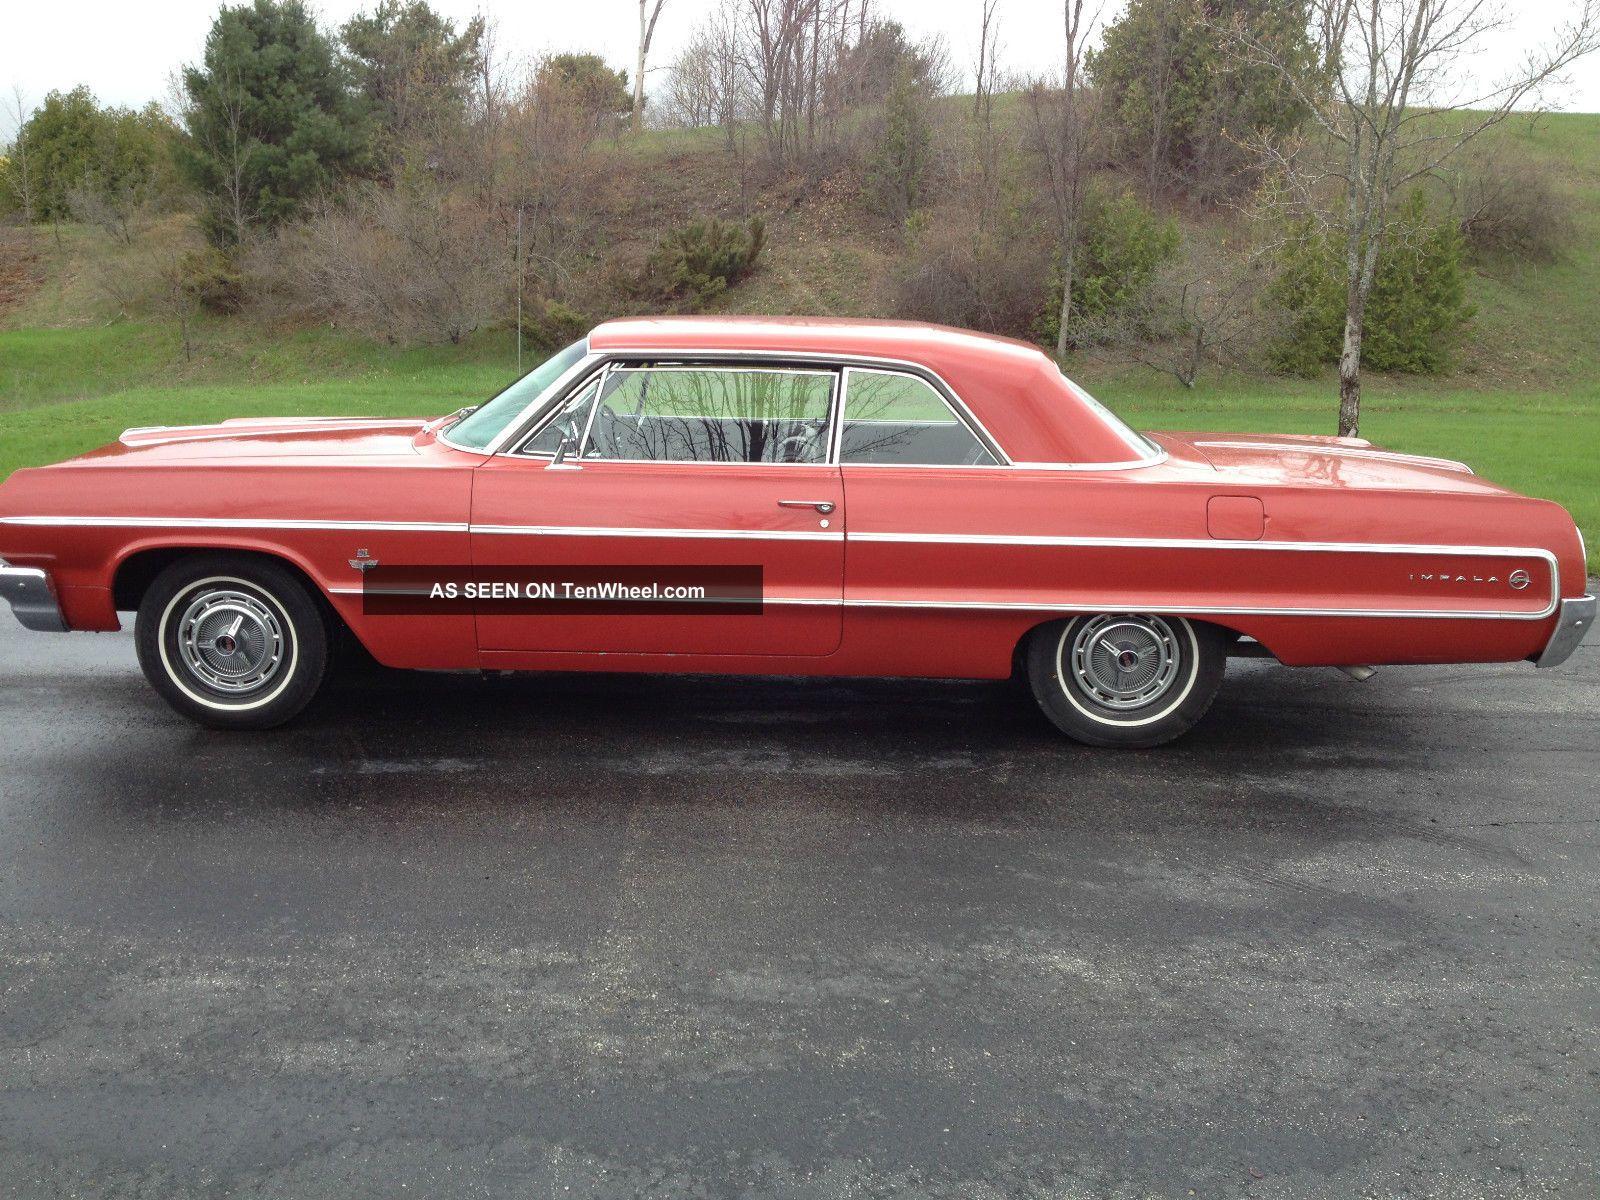 1964 Impala Impala photo